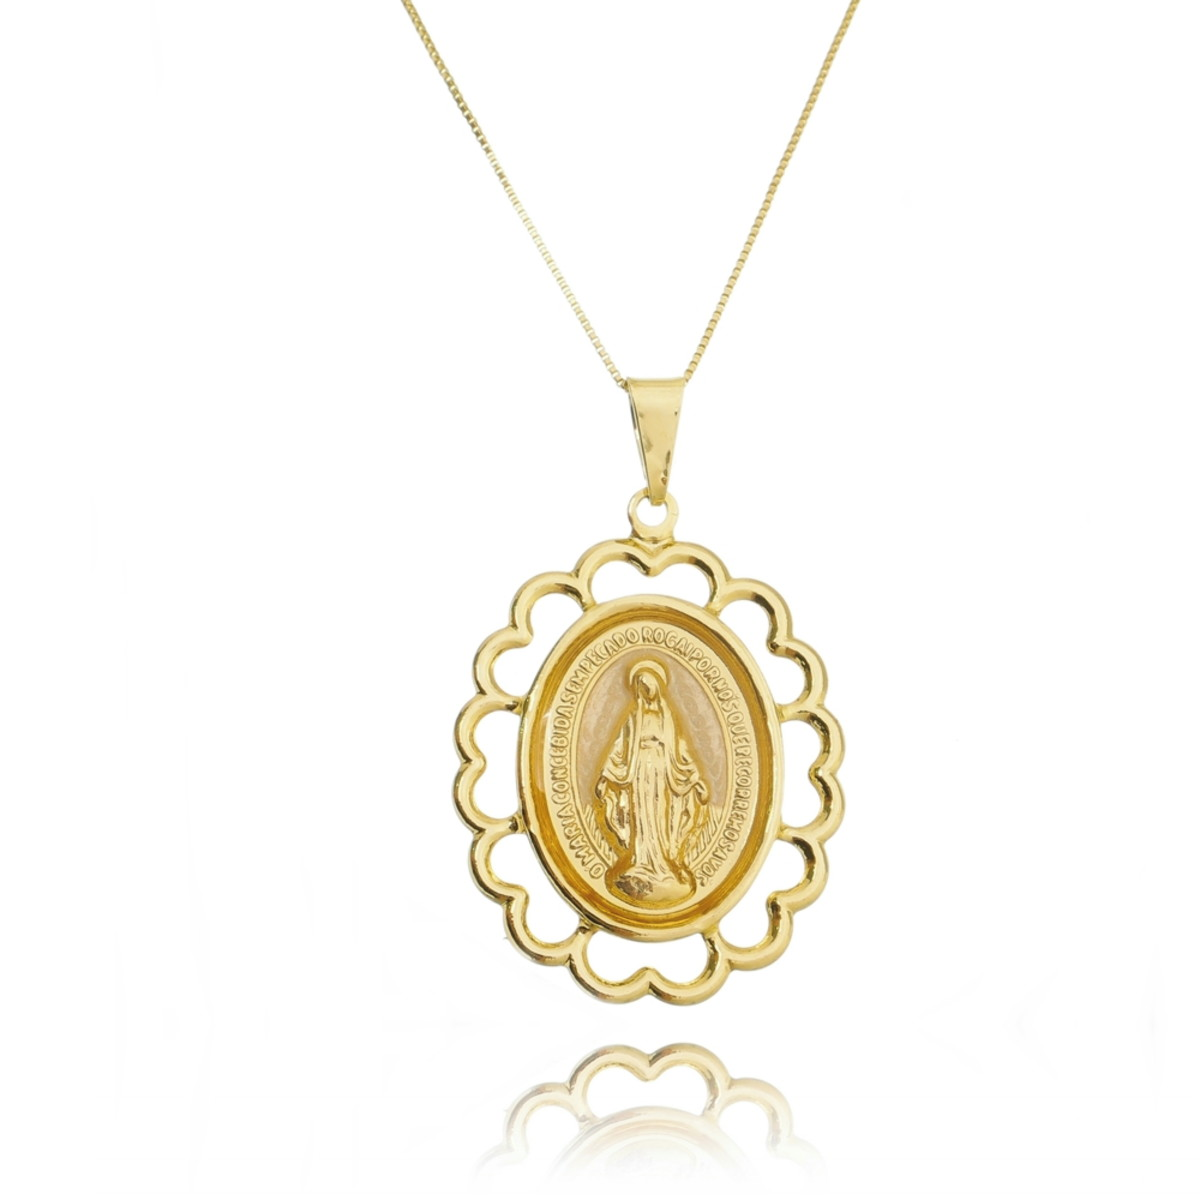 Colar Medalha Nossa Senhora Madre Pérola Folheada Ouro 18k no Elo7 ... 50c4f2c7fe